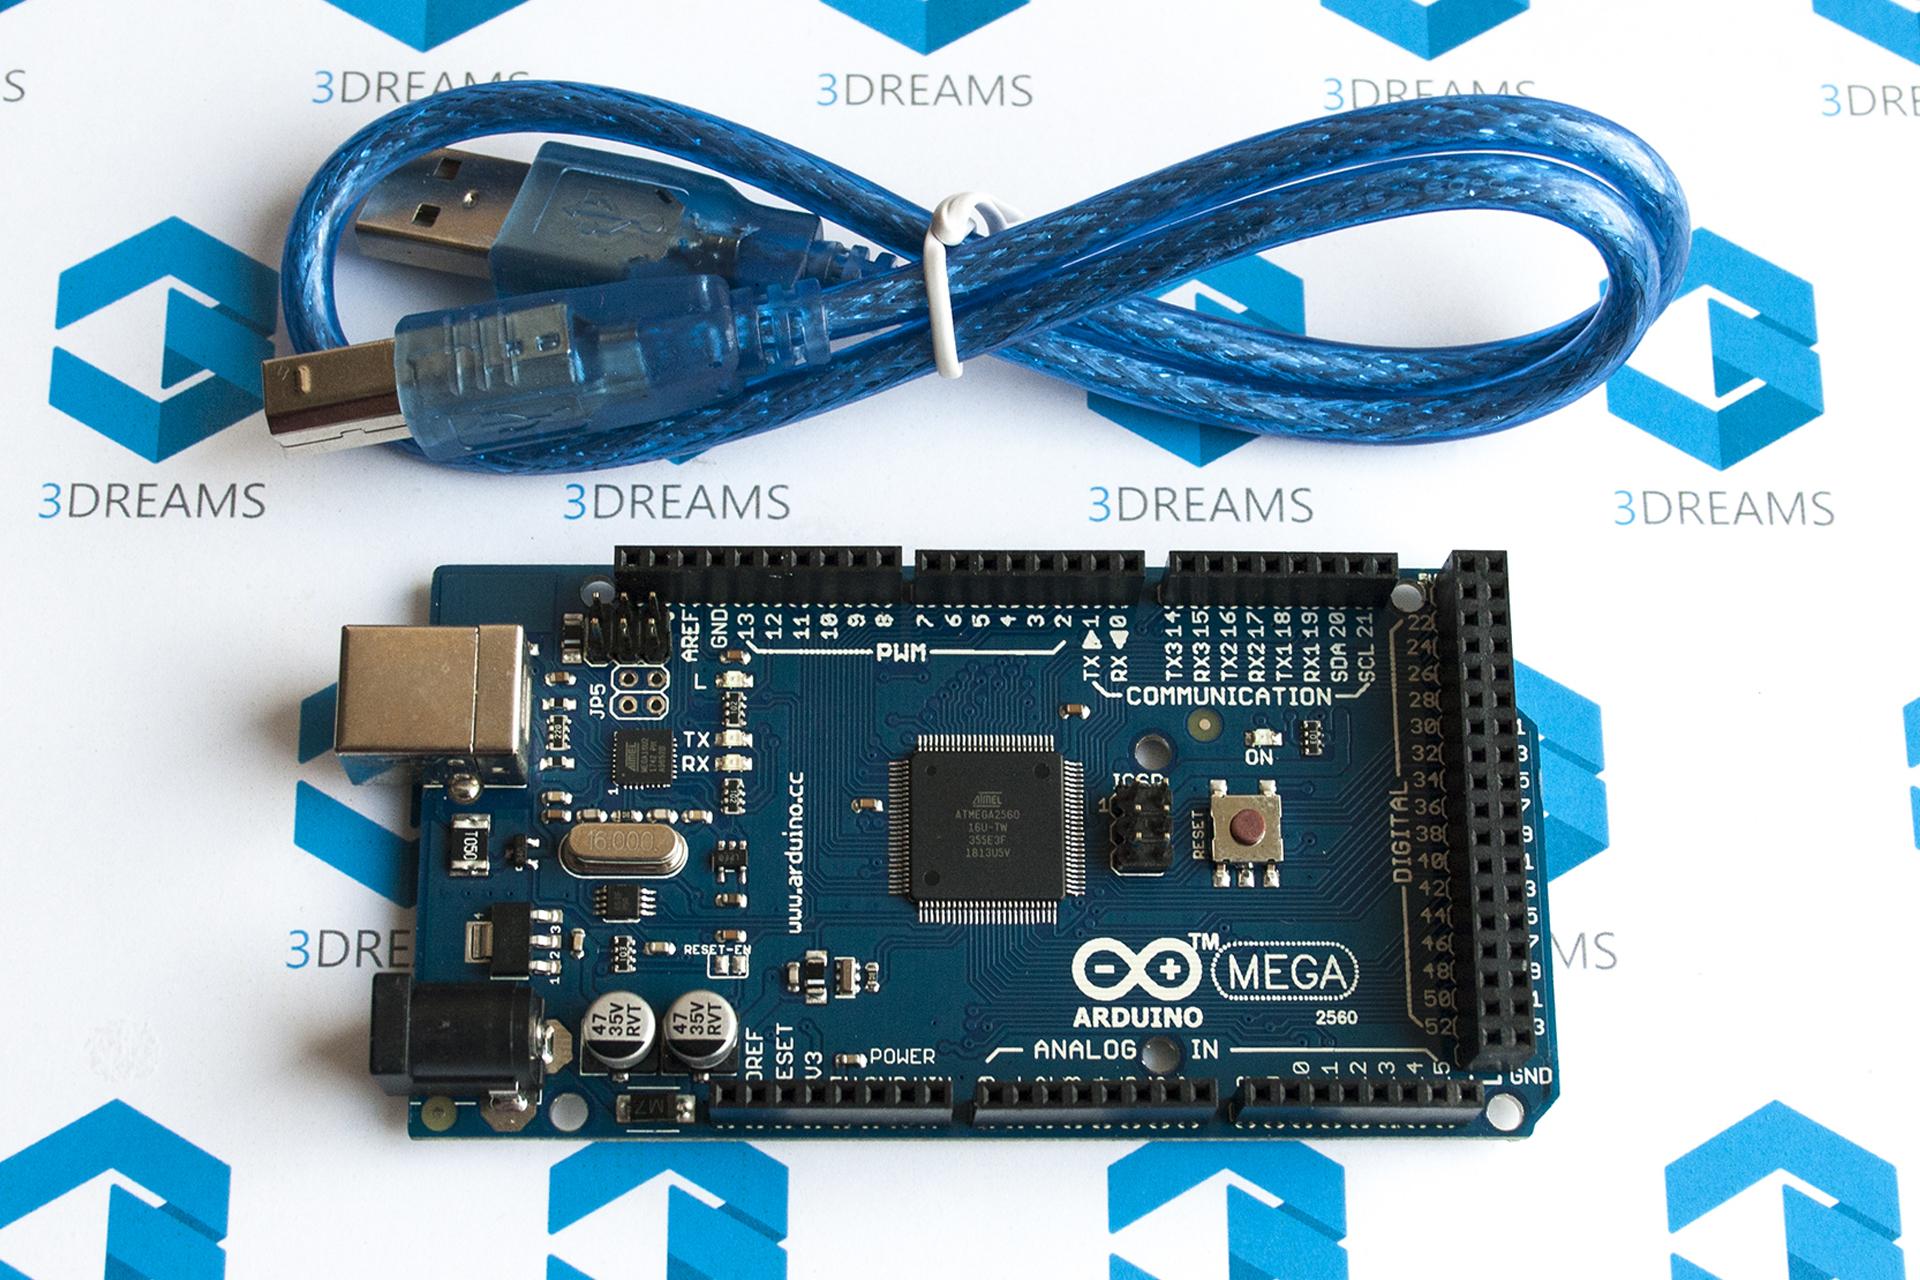 Материнская плата Arduino Mega 2560 с контроллером ATmega16U2 купить украина